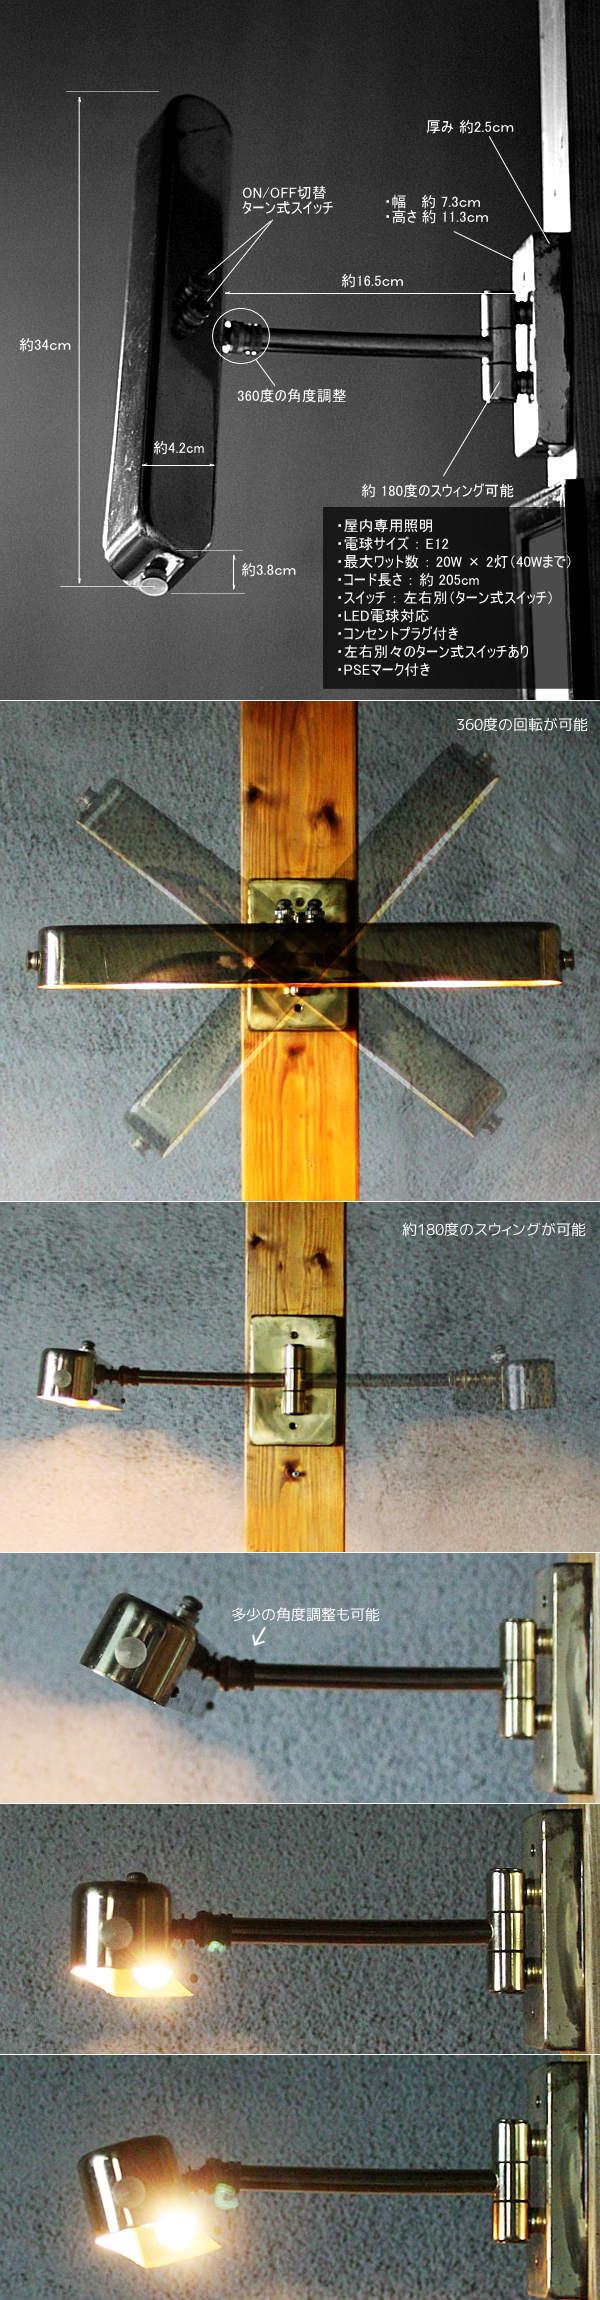 ヴィンテージ工業系角度調整可能2灯ターンスイッチ付ピクチャーライト/アンティークランプ照明